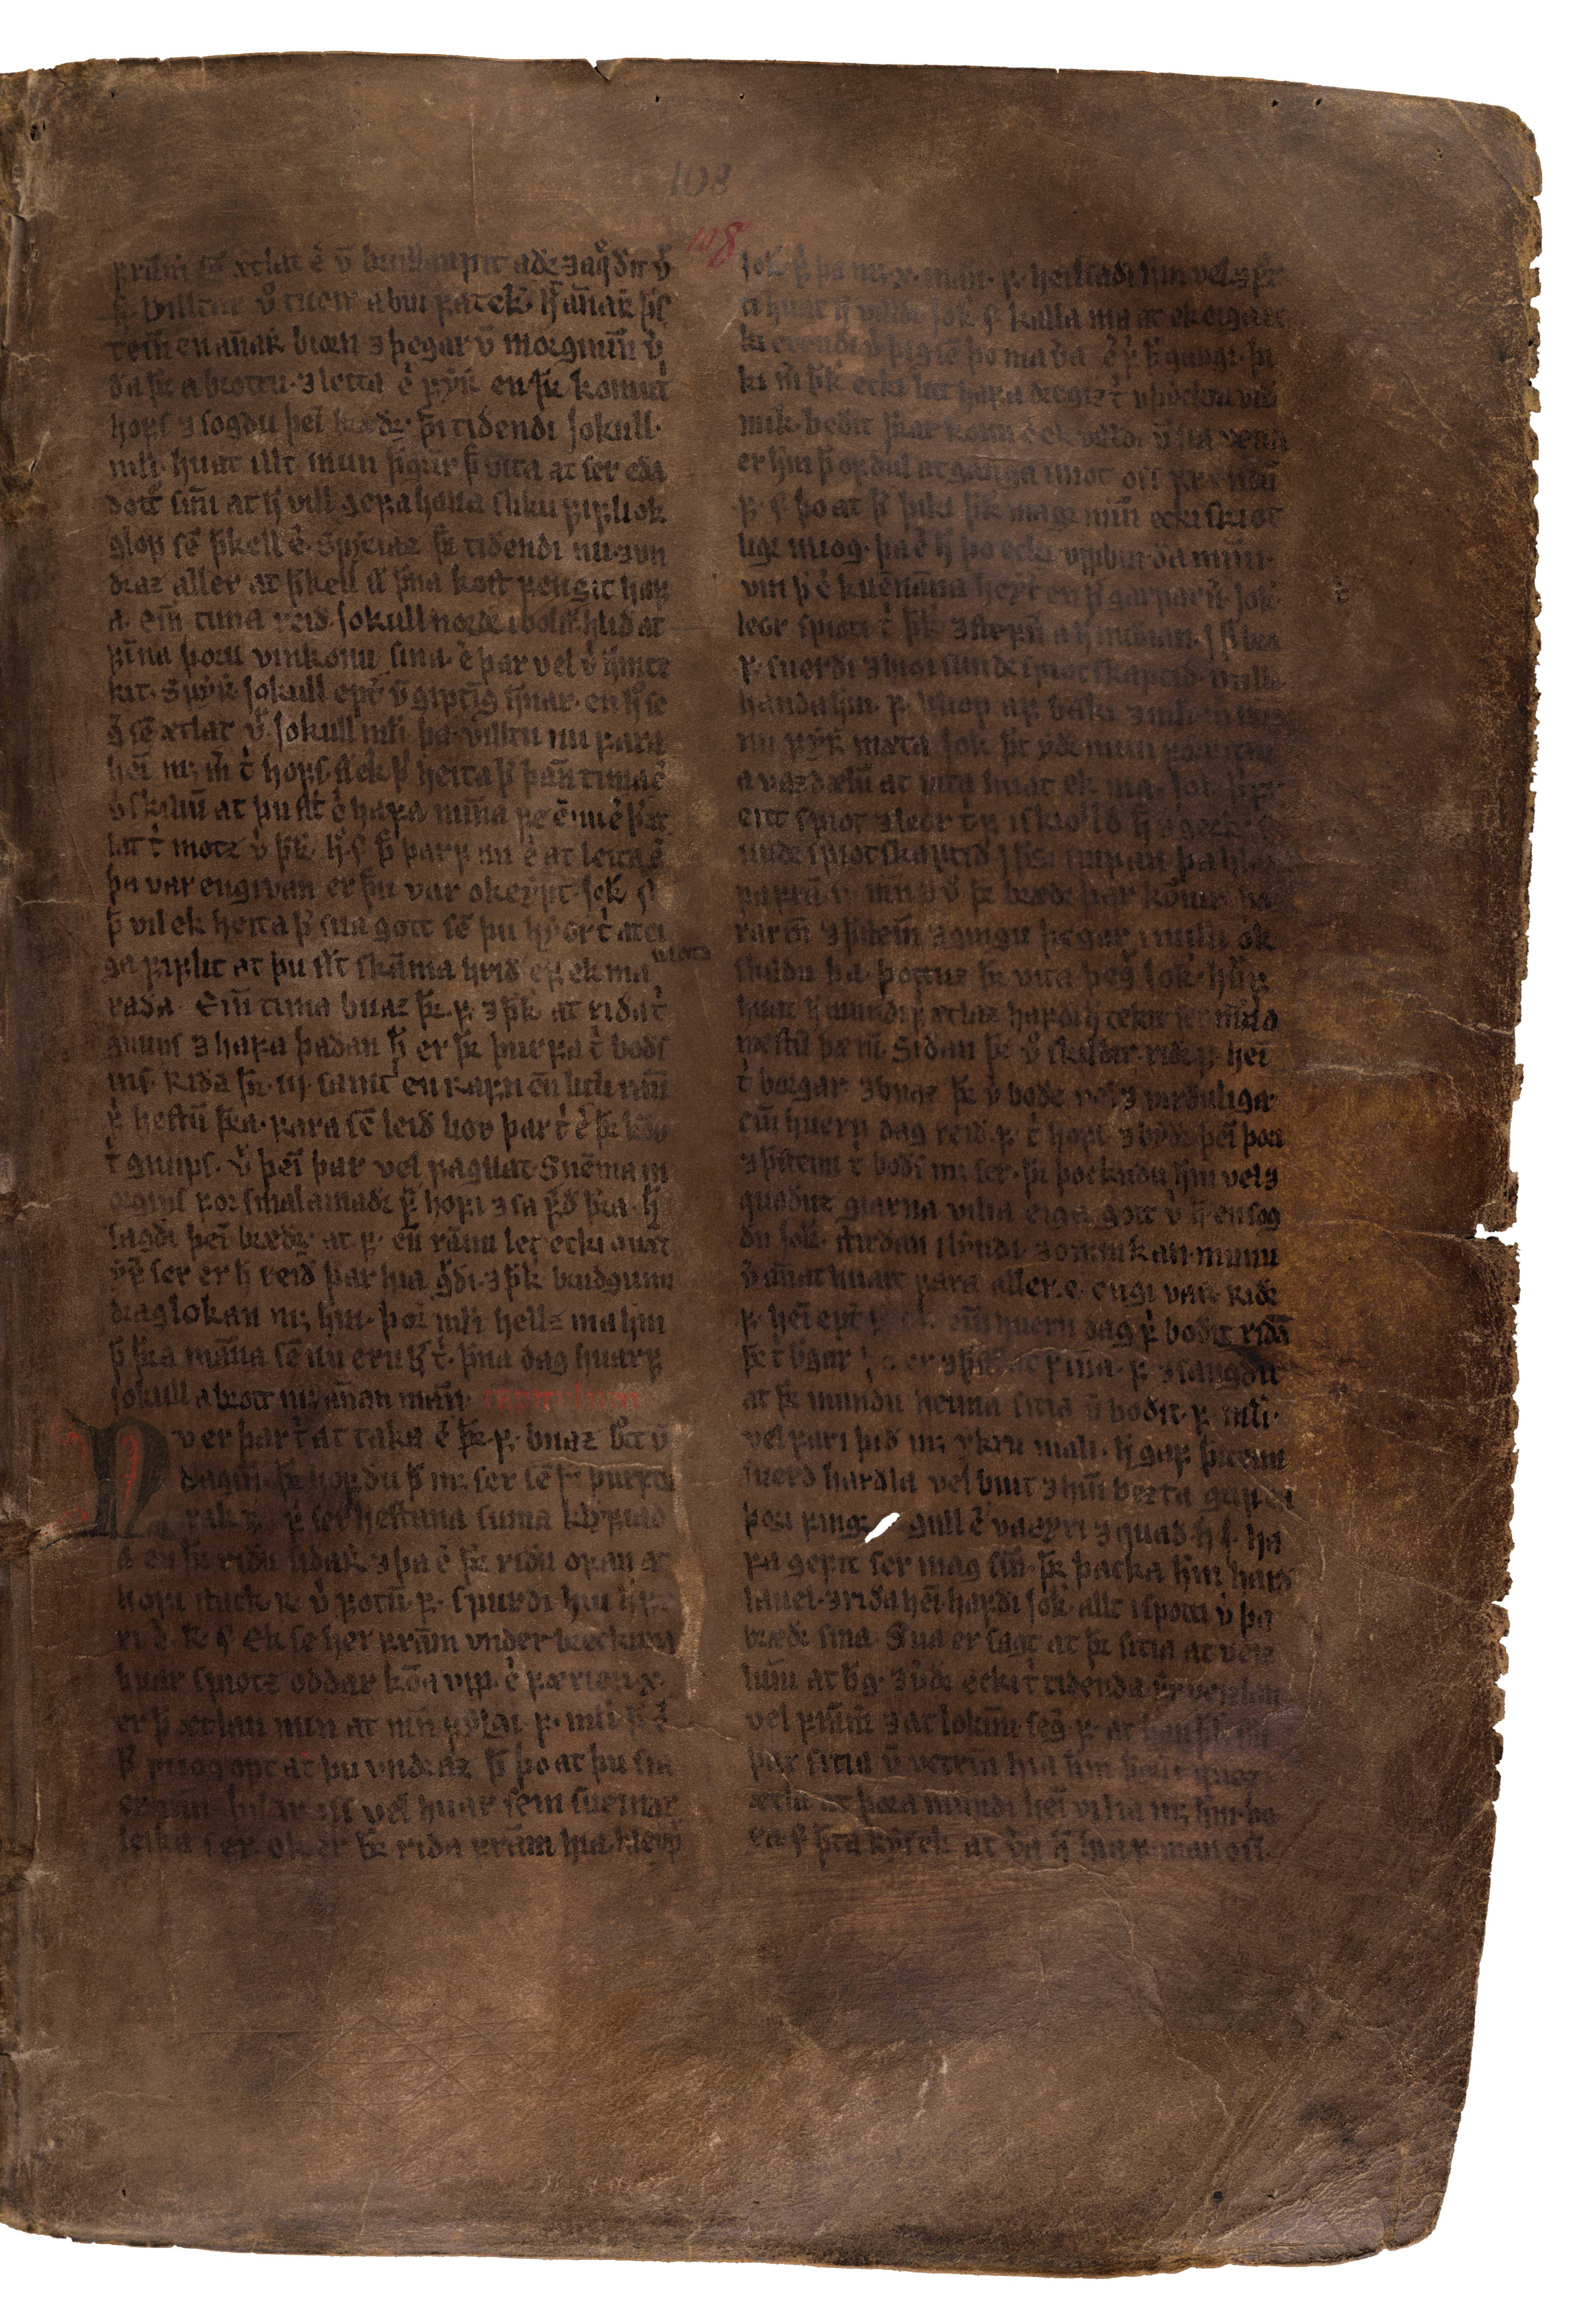 AM 132 fol - 108r